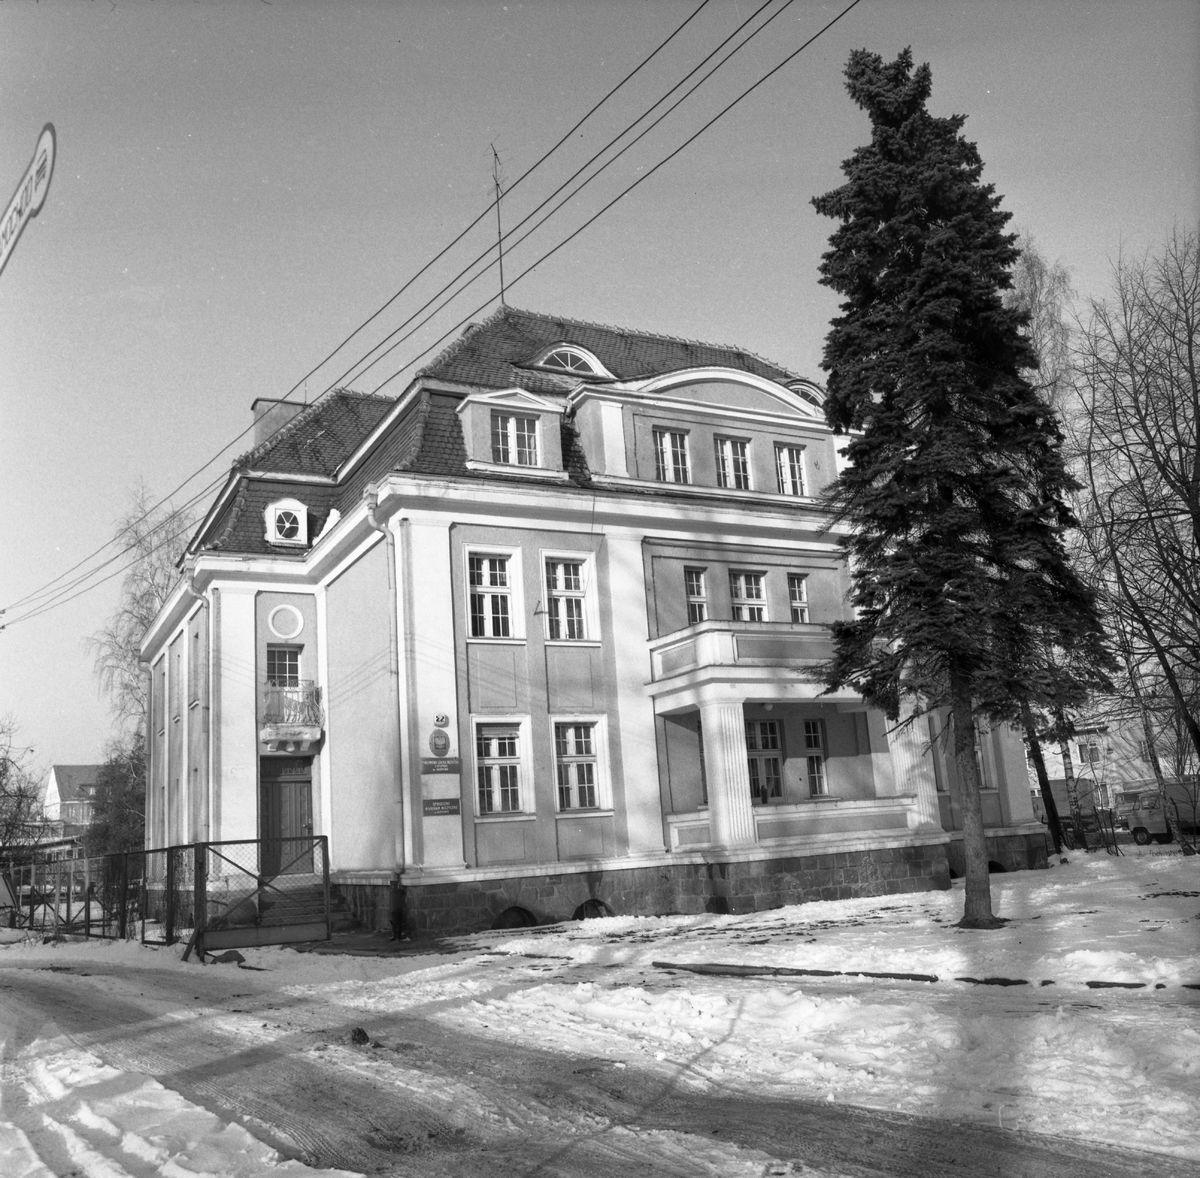 Budynek Szkoły Muzycznej [1]